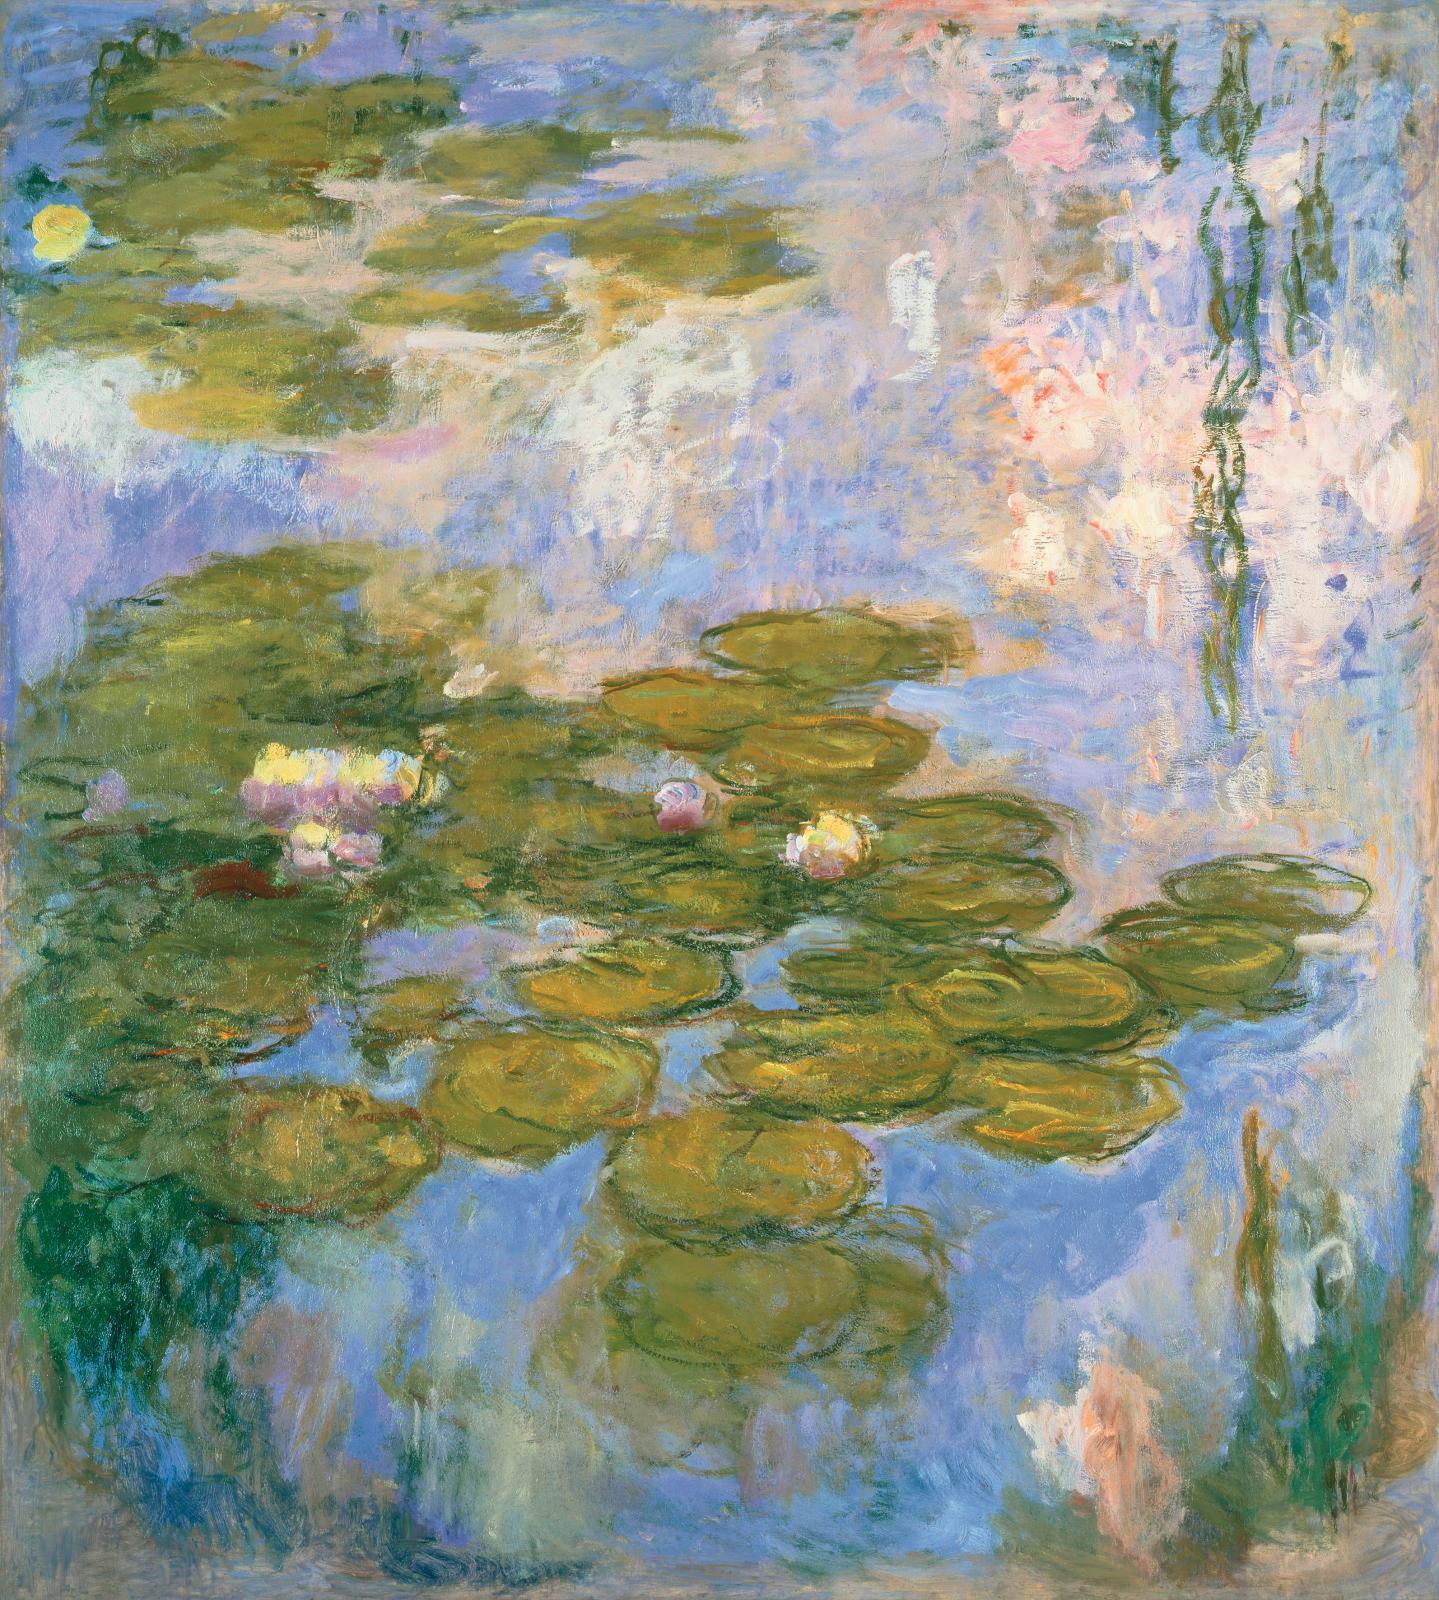 Claude Monet, Nymphéas, 1916-1919, huile sur toile, 200x180cm (détail), fondation Beyeler, Riehen/Bâle.© Peter Schibli